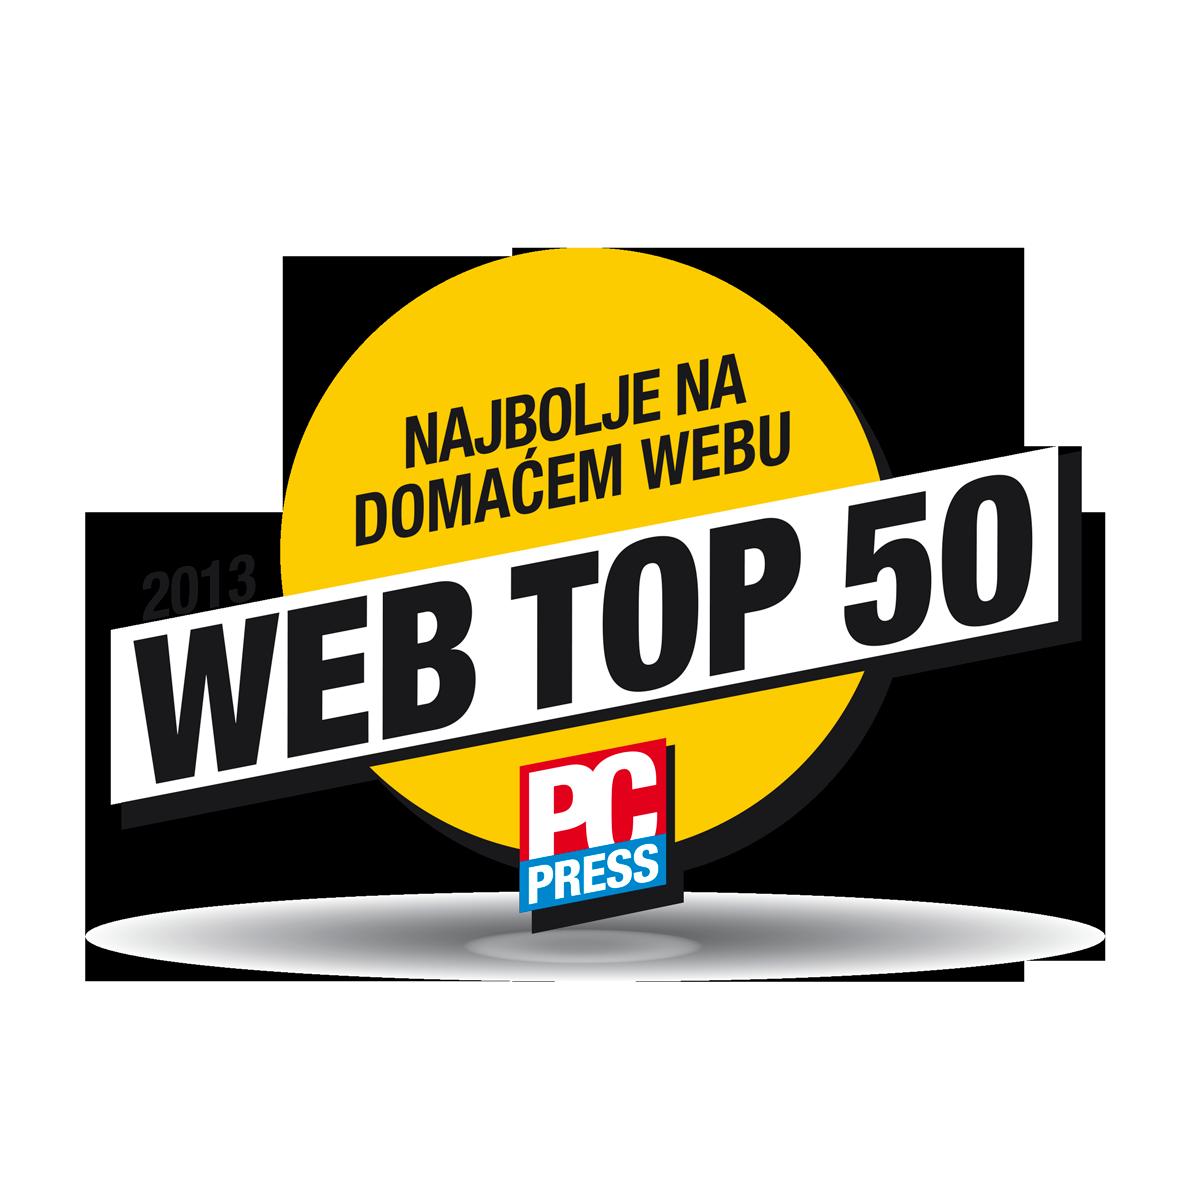 PCPress-WebTop50-2013